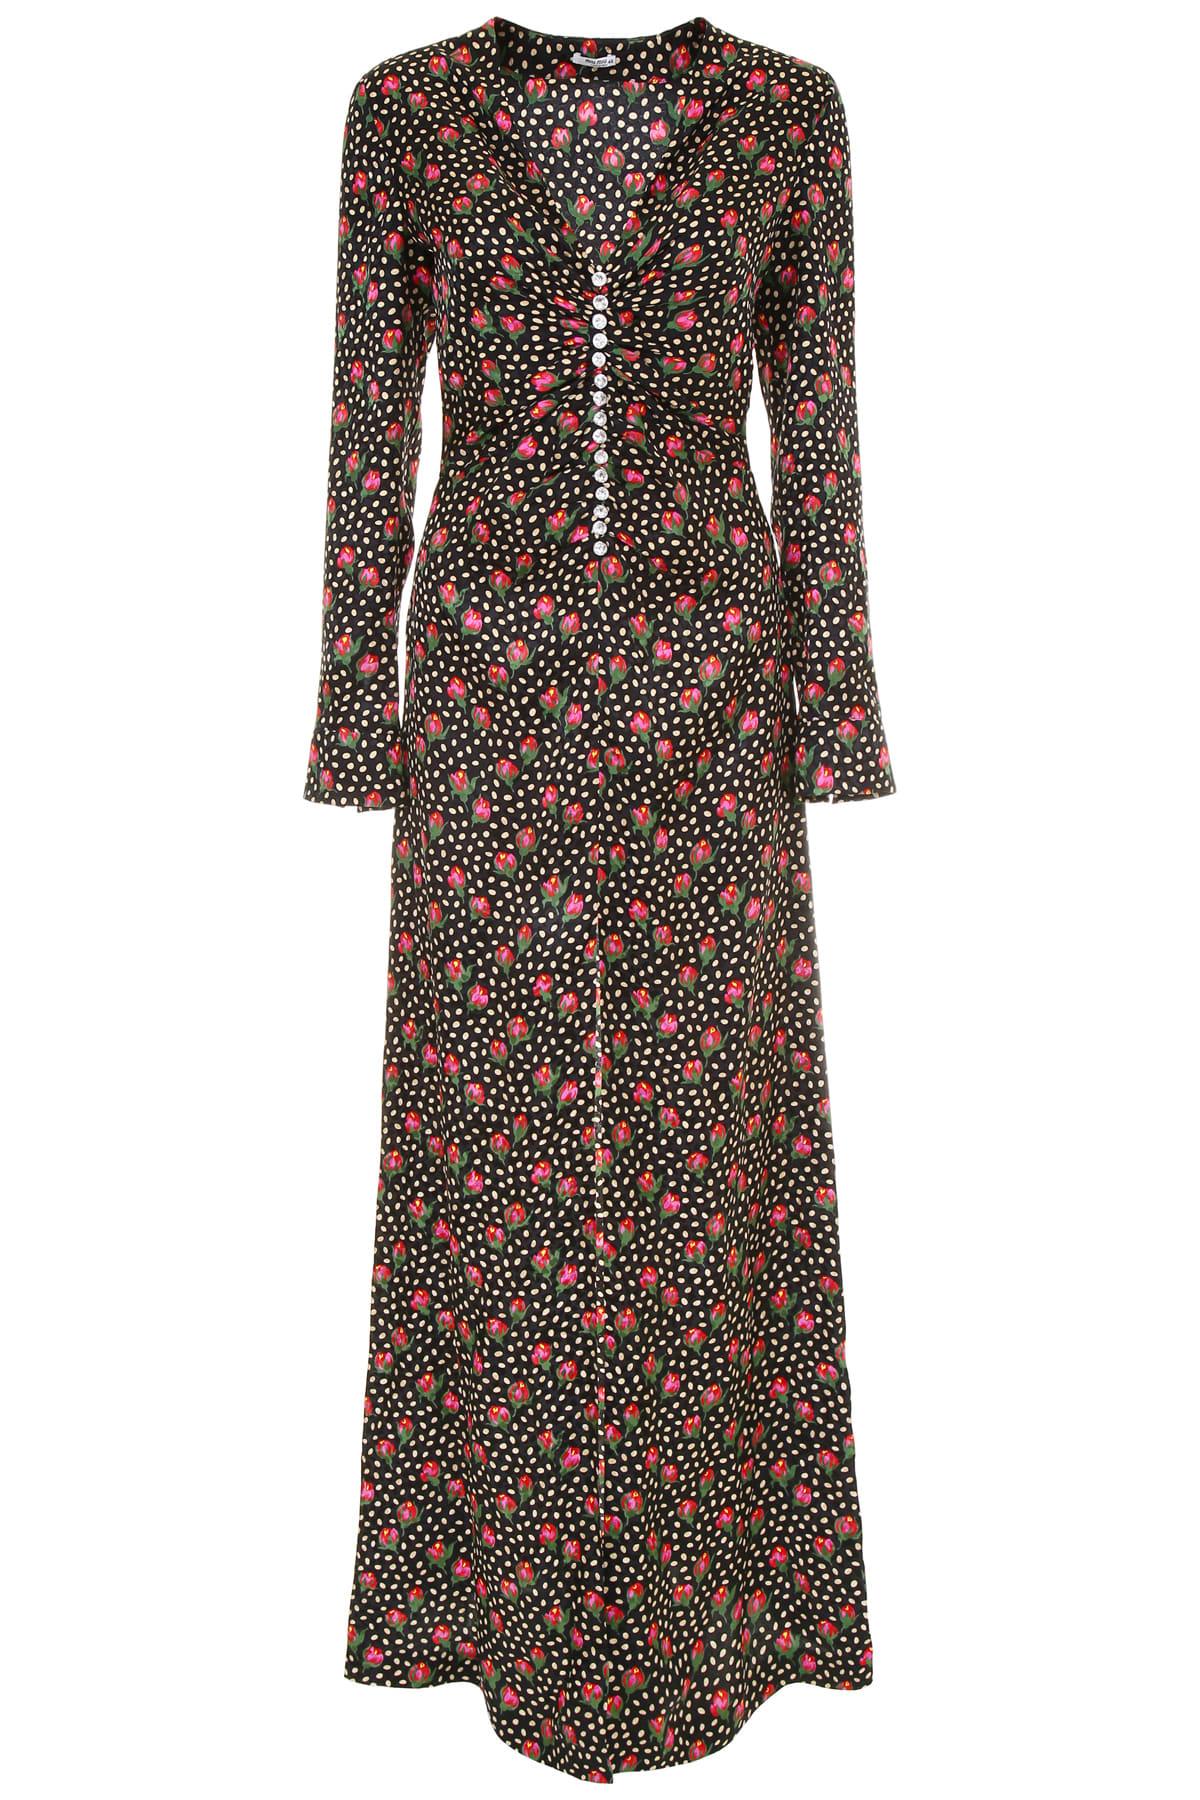 Miu Miu Rosebud Dress